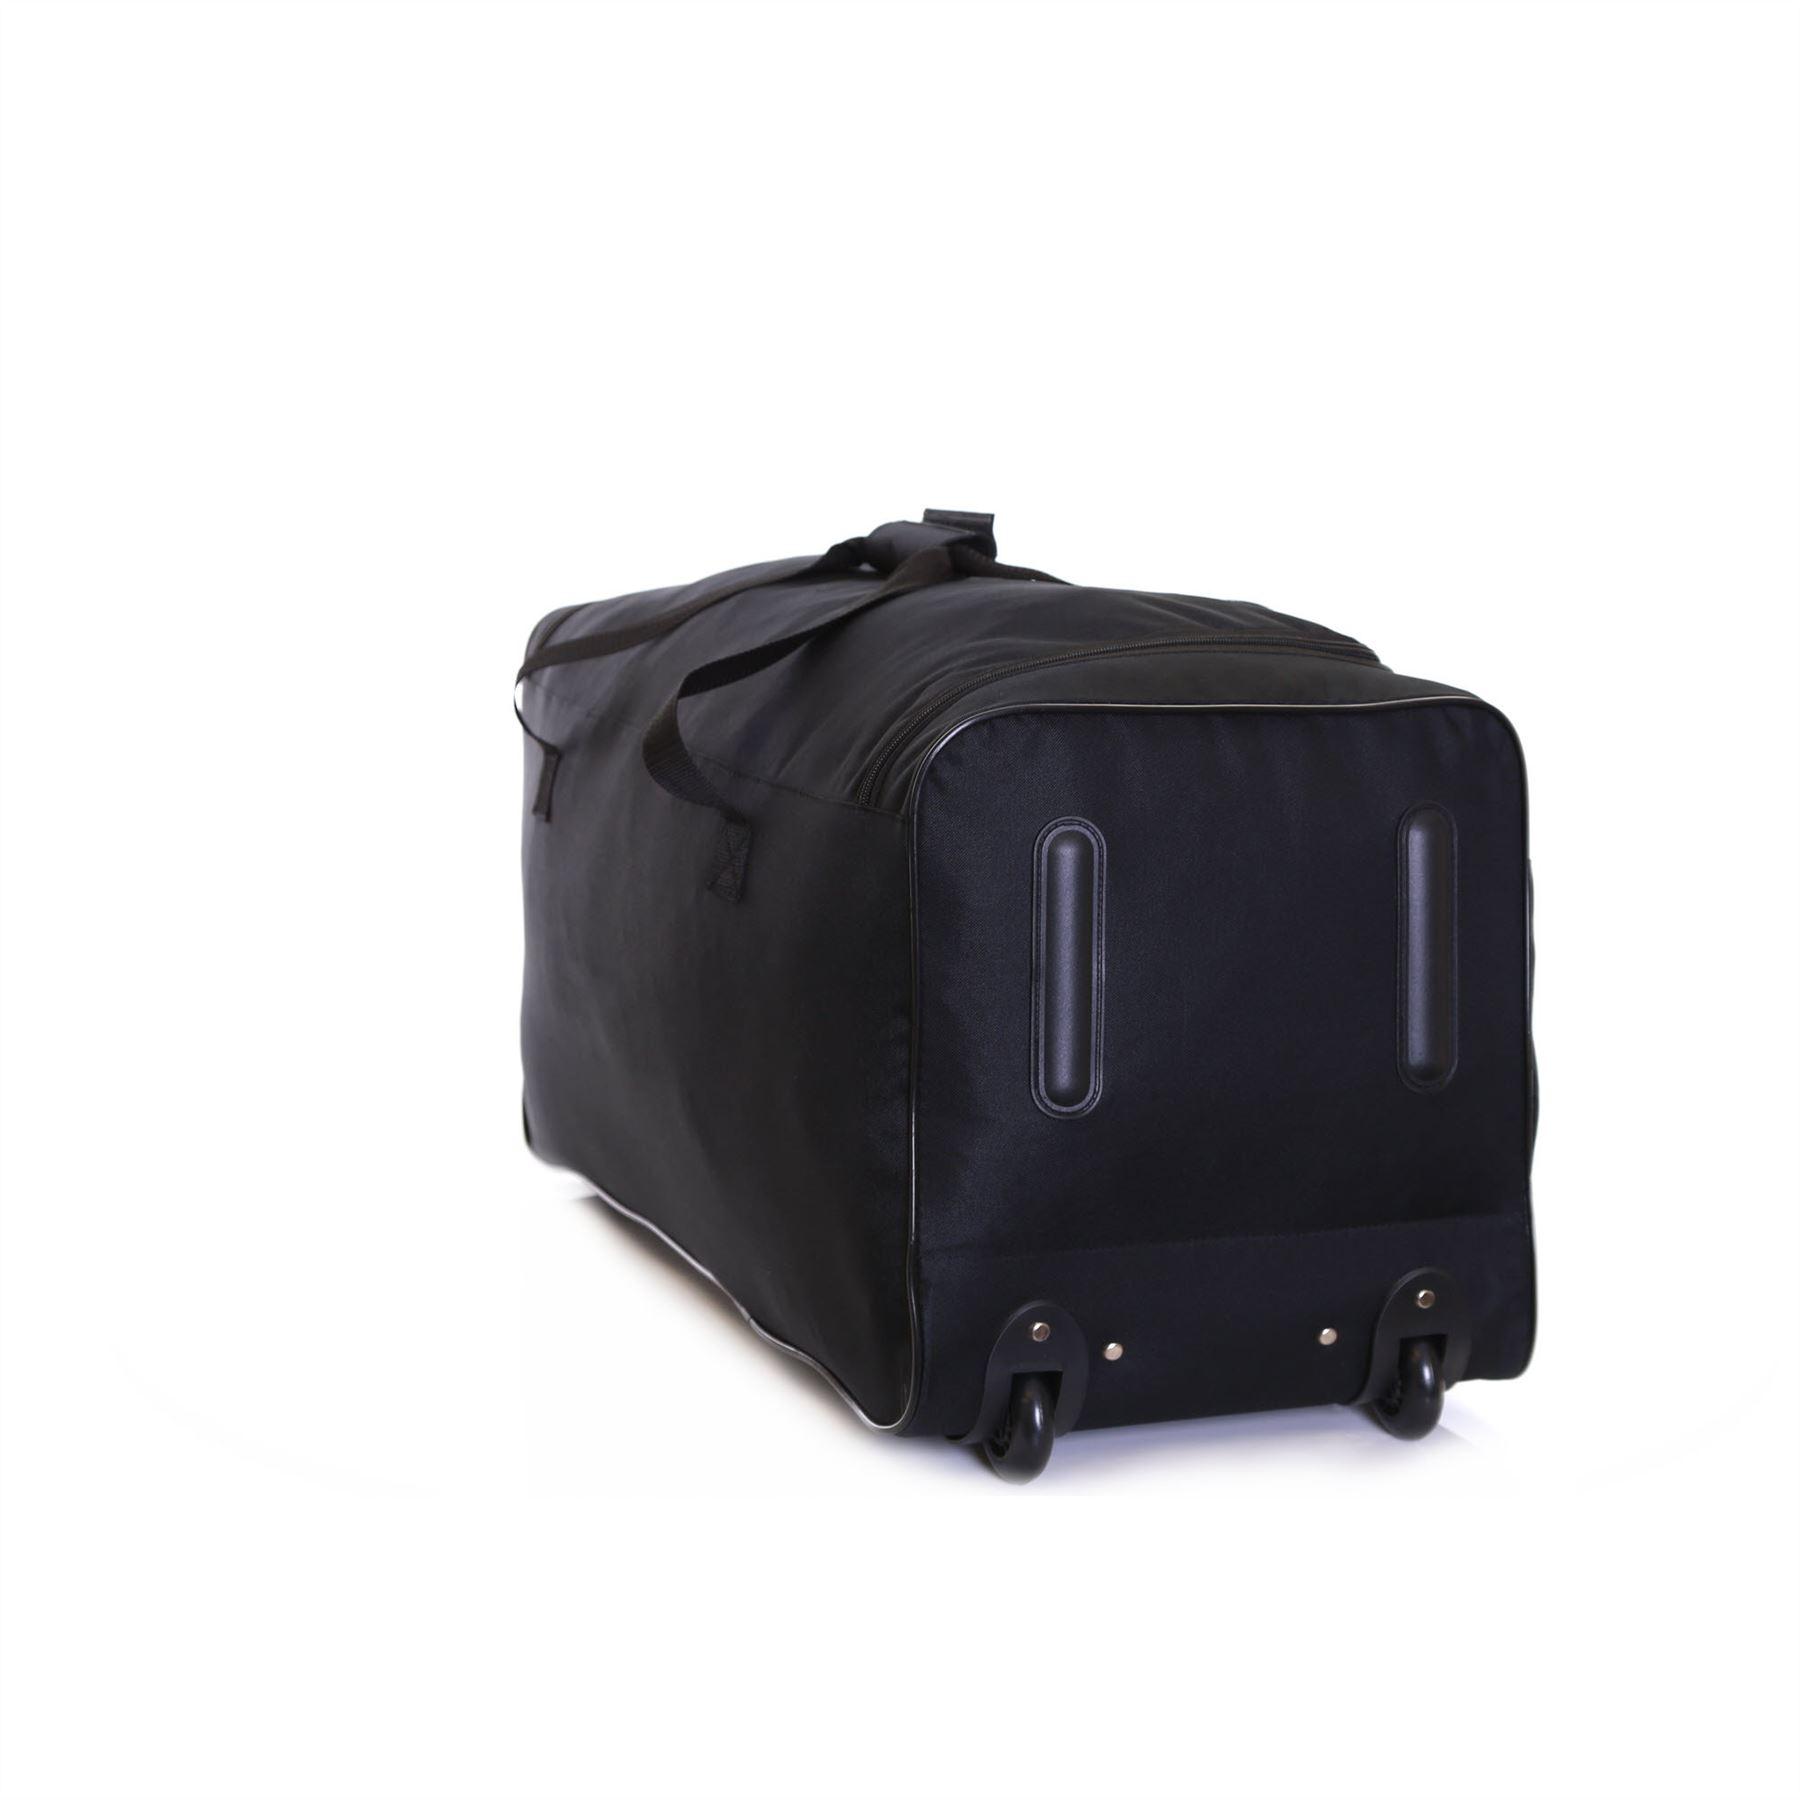 Extra Large XL Wheeled Travel Luggage Trolley Holdall Suitcase ...